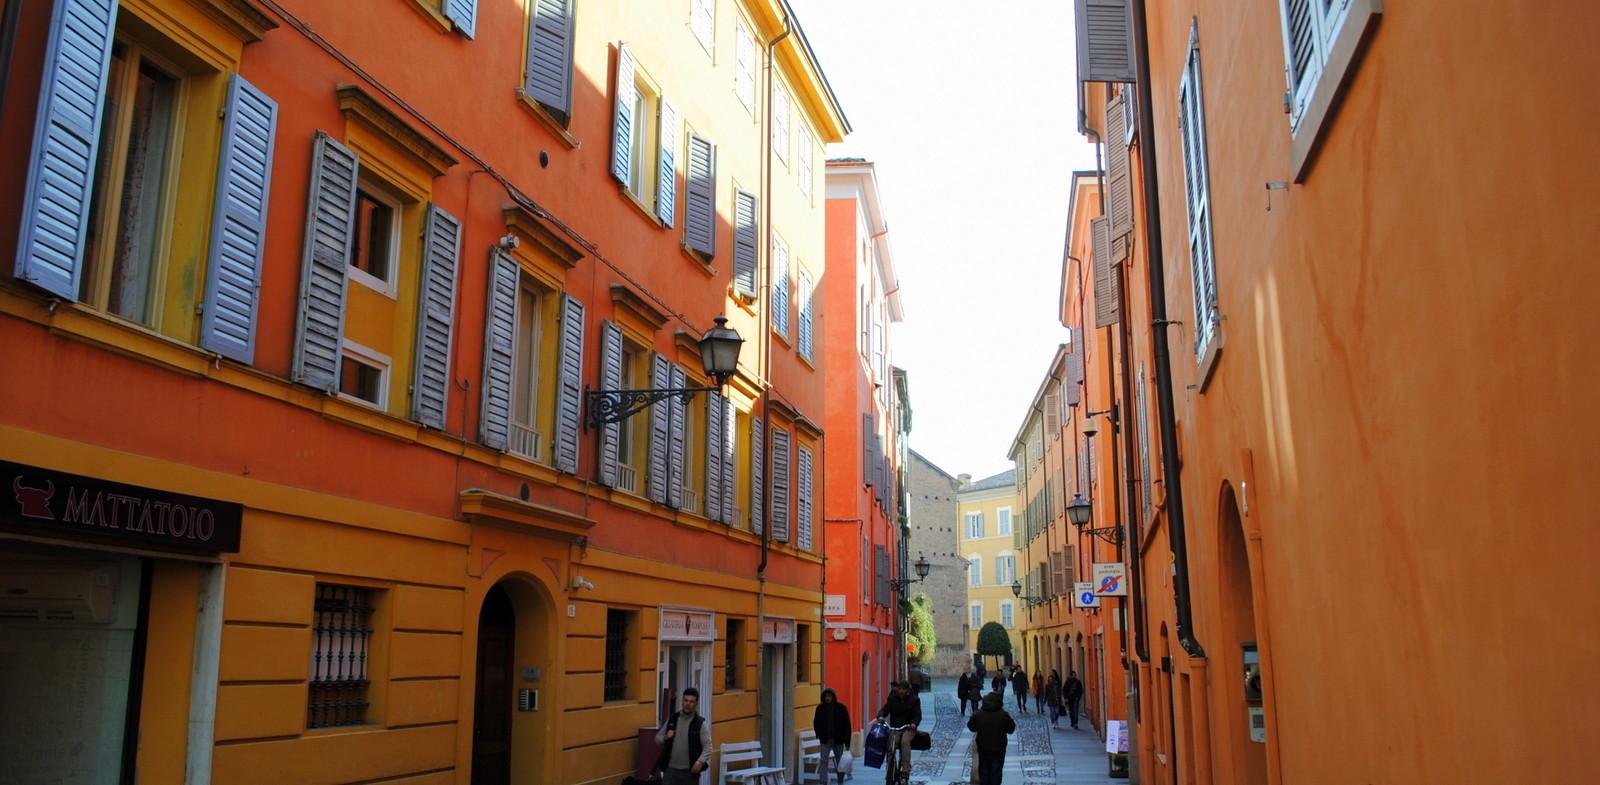 Straťte sa v uličkách Modeny